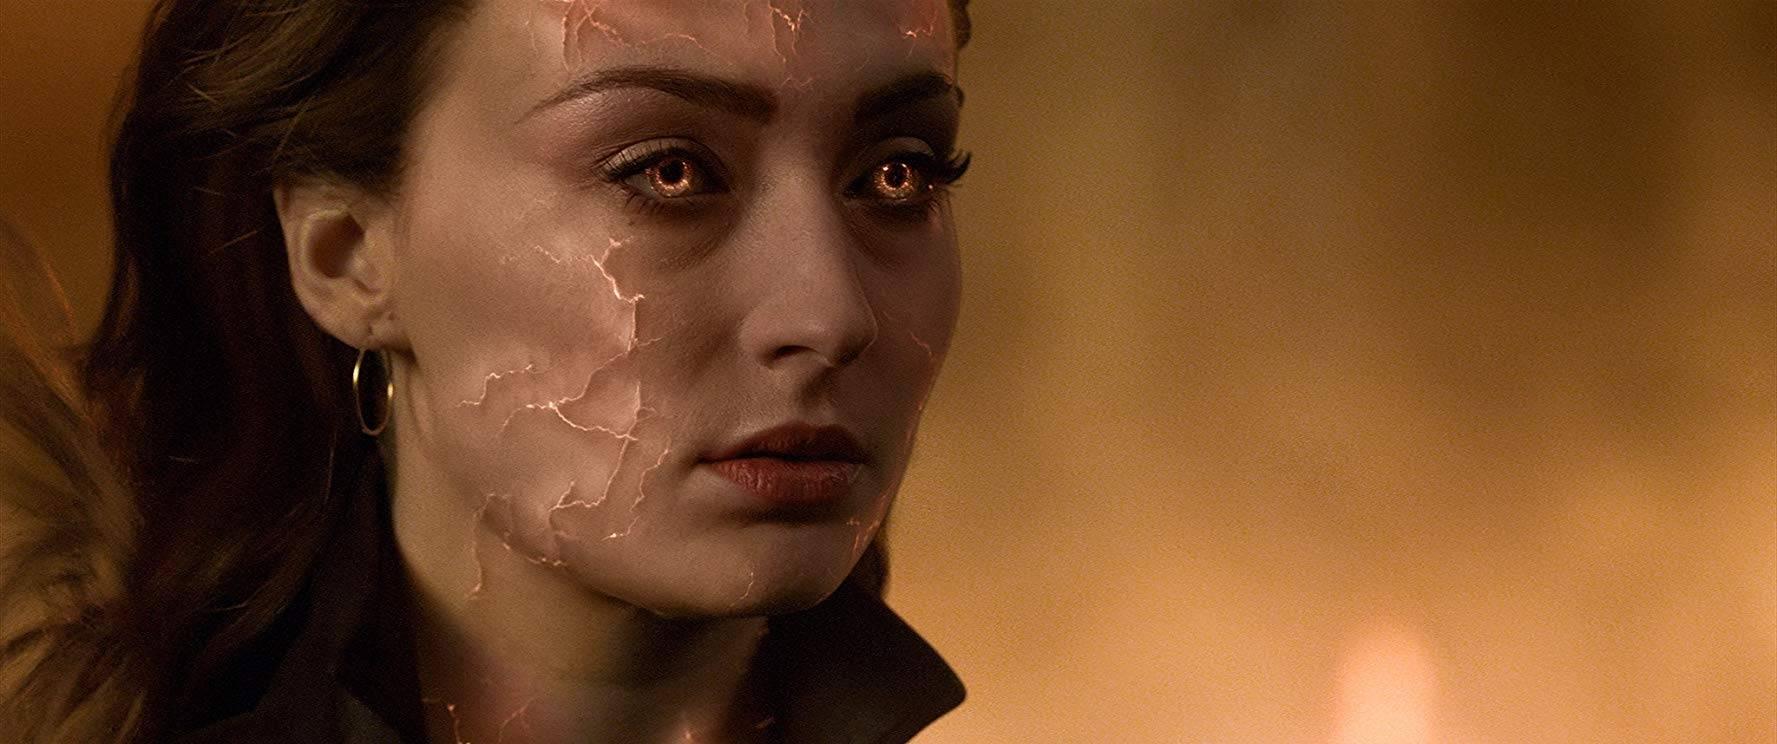 «Тёмный Феникс»: фильм, где мы прощаемся с Людьми Икс 2